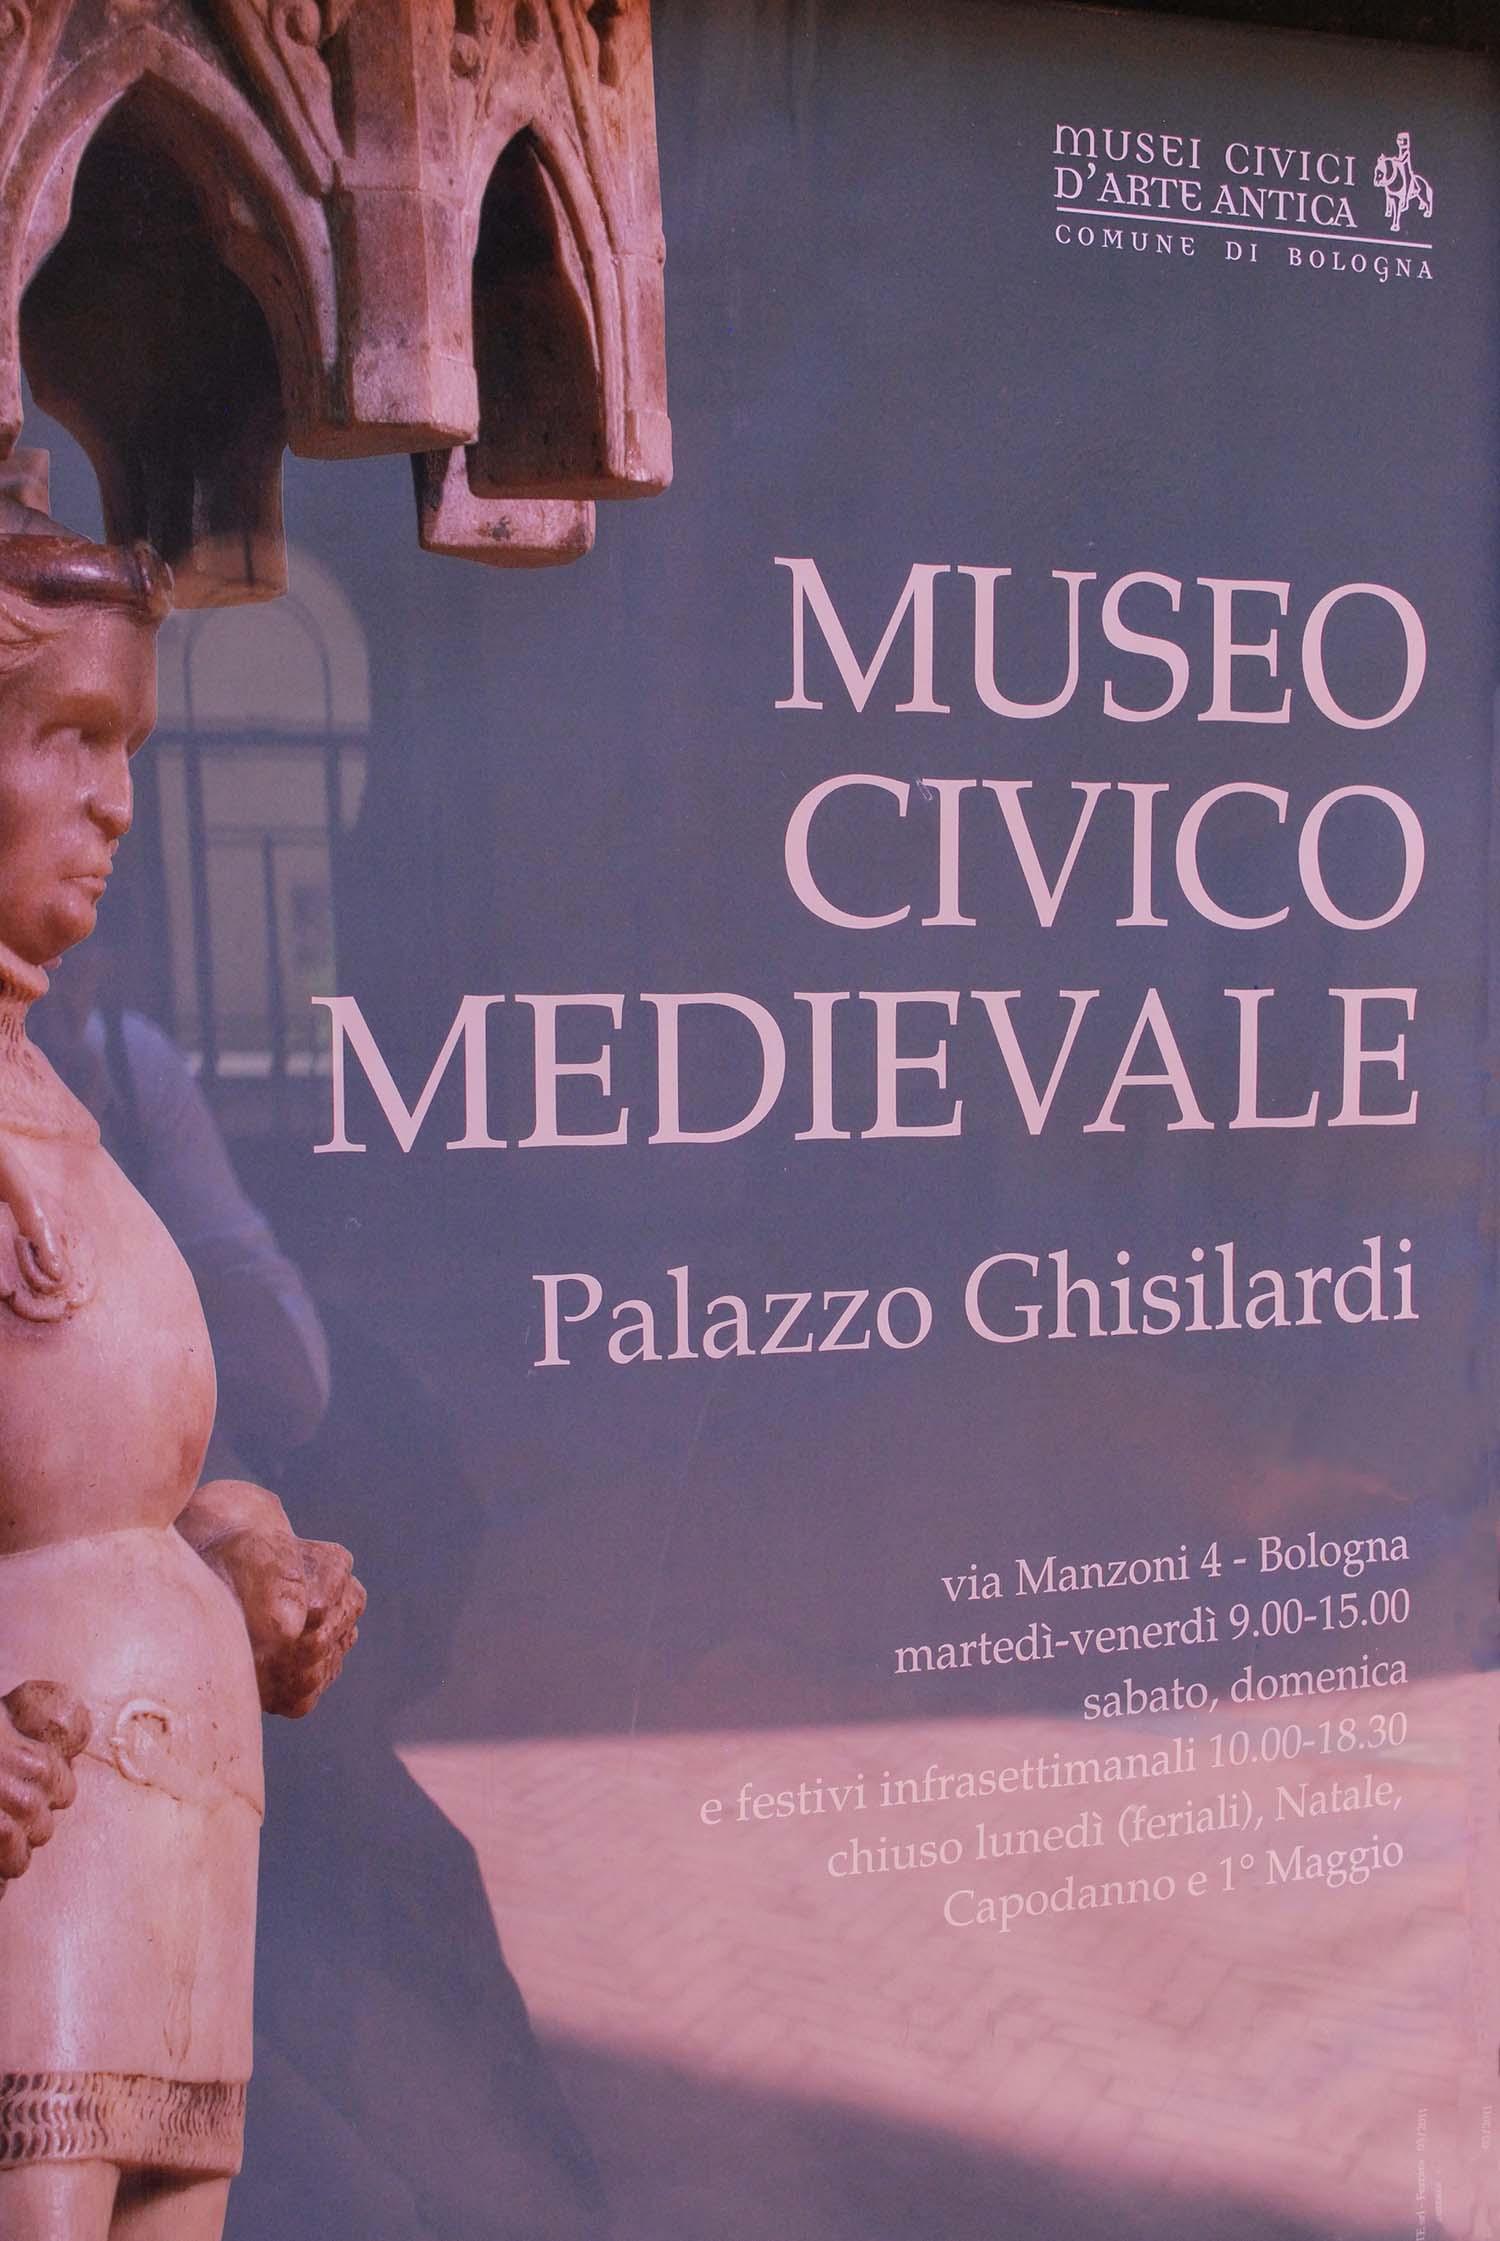 MUSEO-CIVICO-NAZIONALE-DI-BOLOGNA-PALAZZO-GHISILARDI-FAVA-2016.jpg